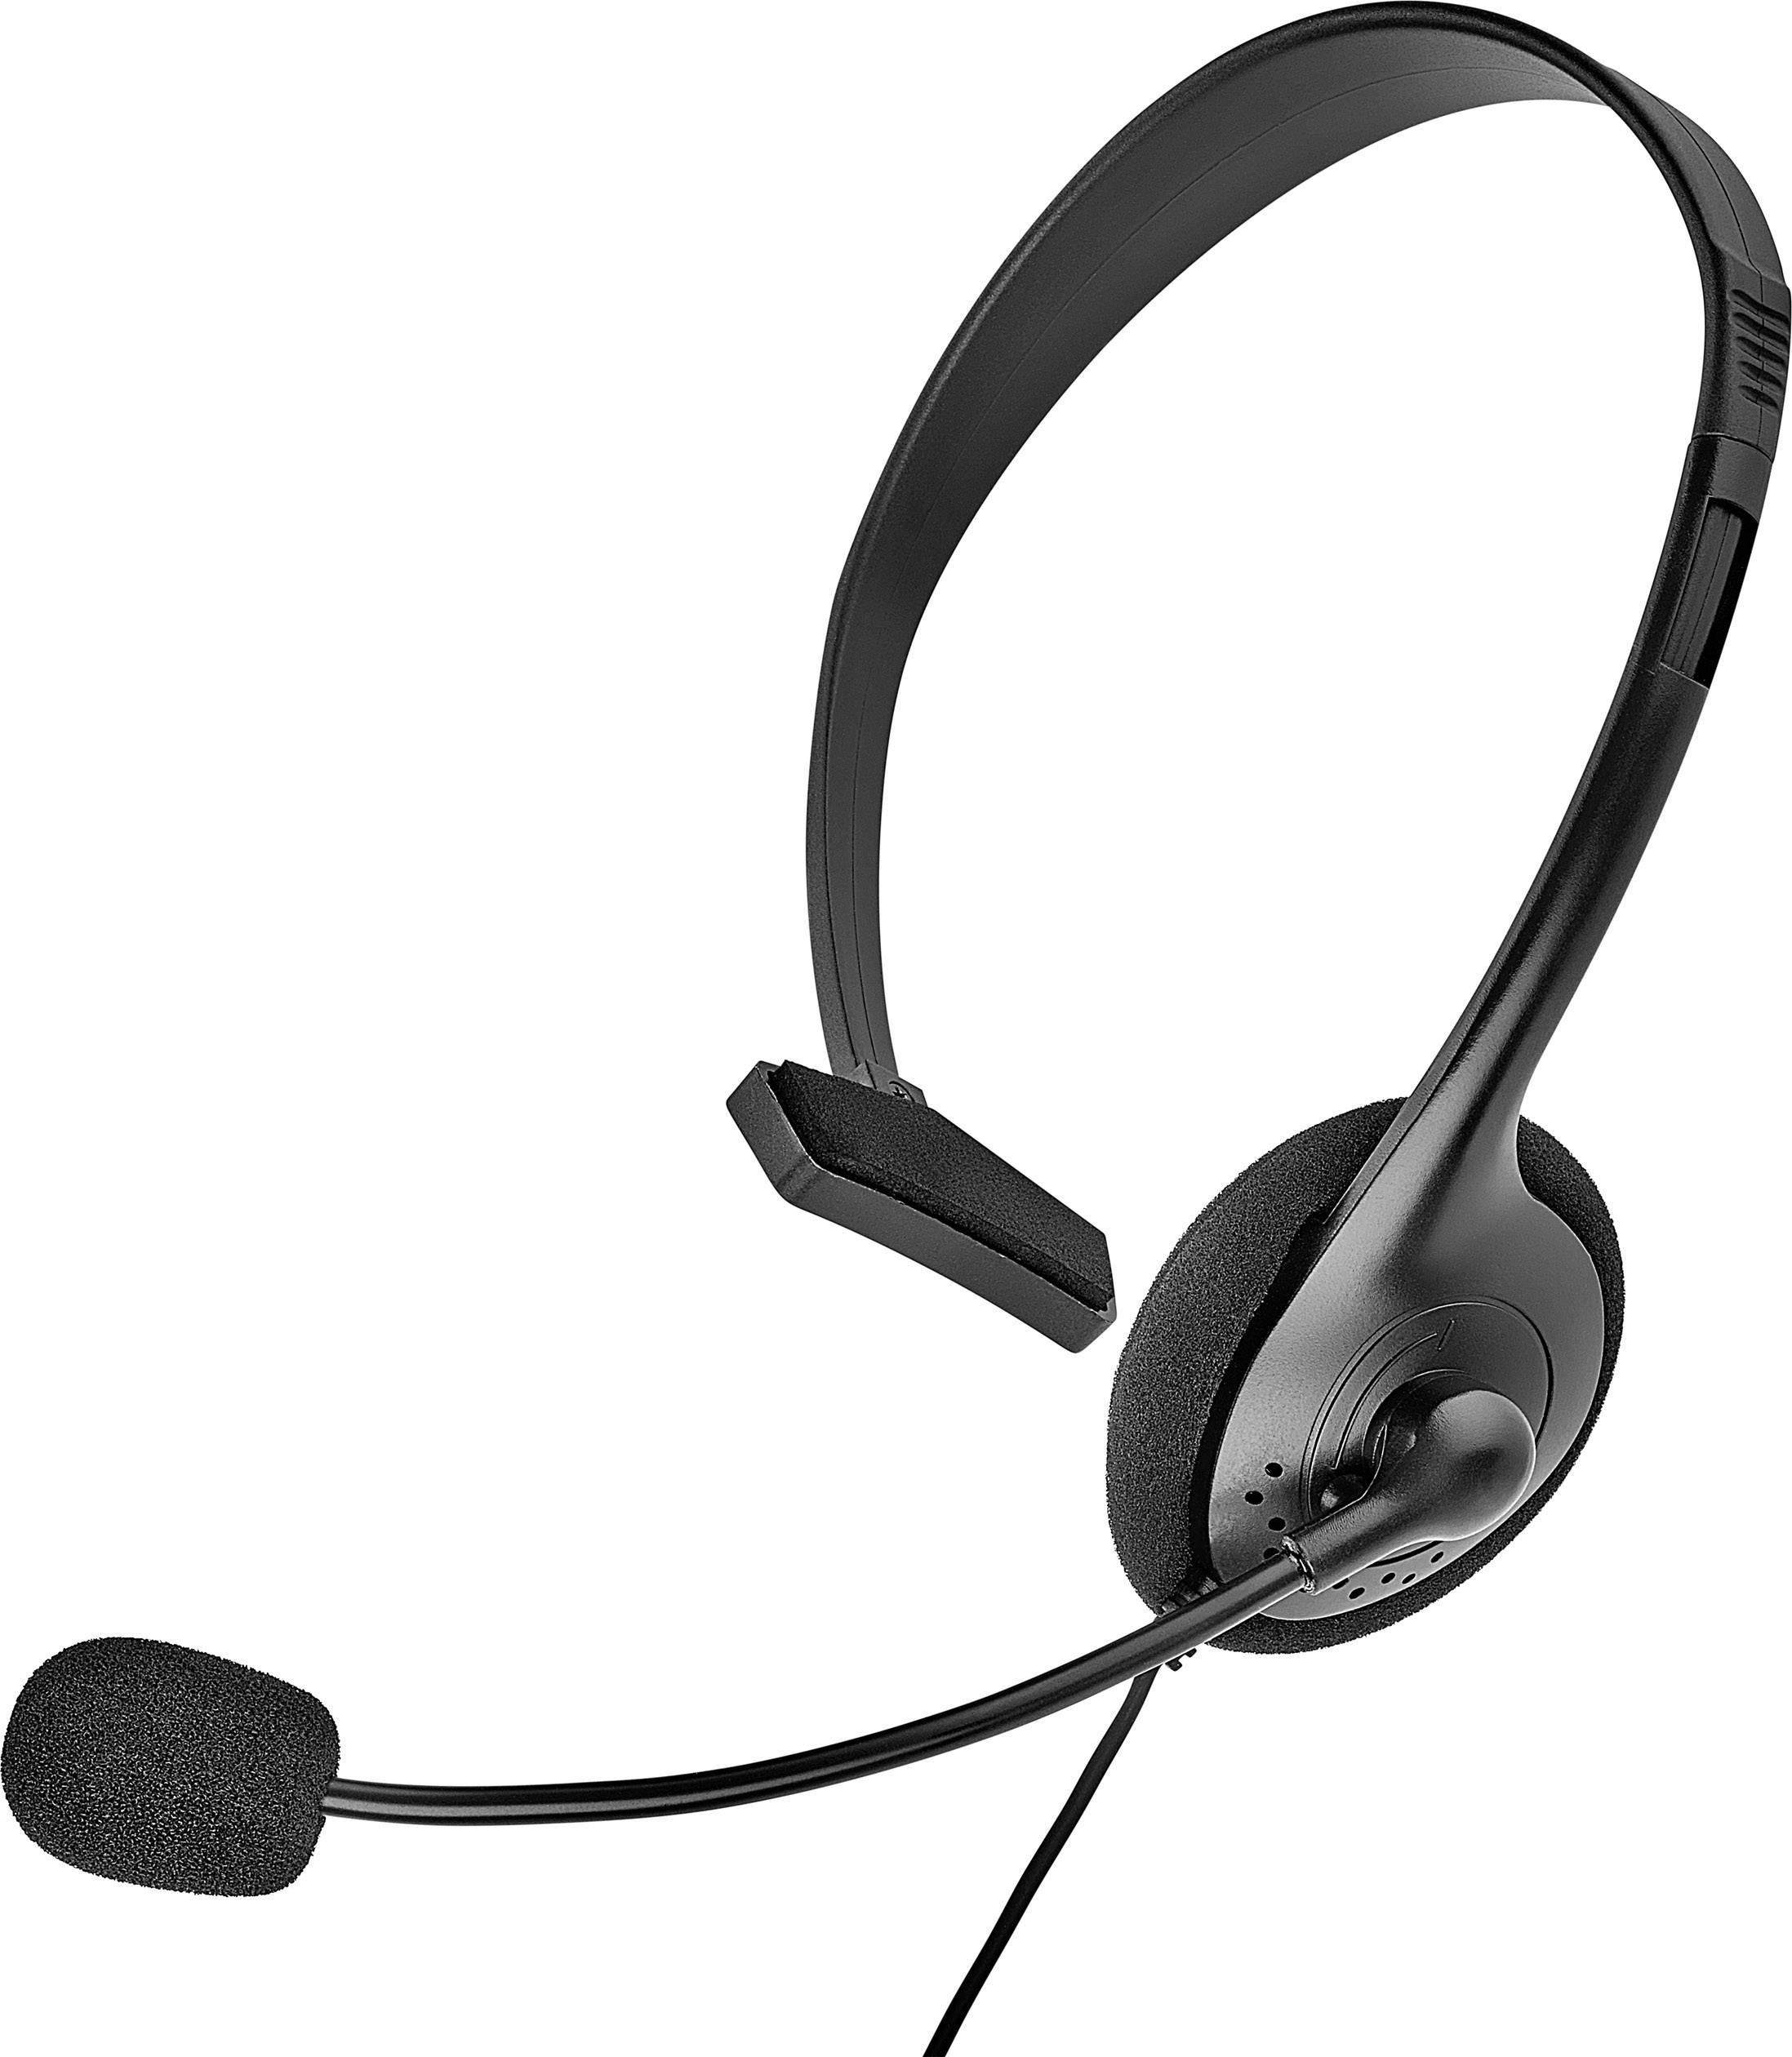 Telefonní headset Renkforce na kabel, mono, černá